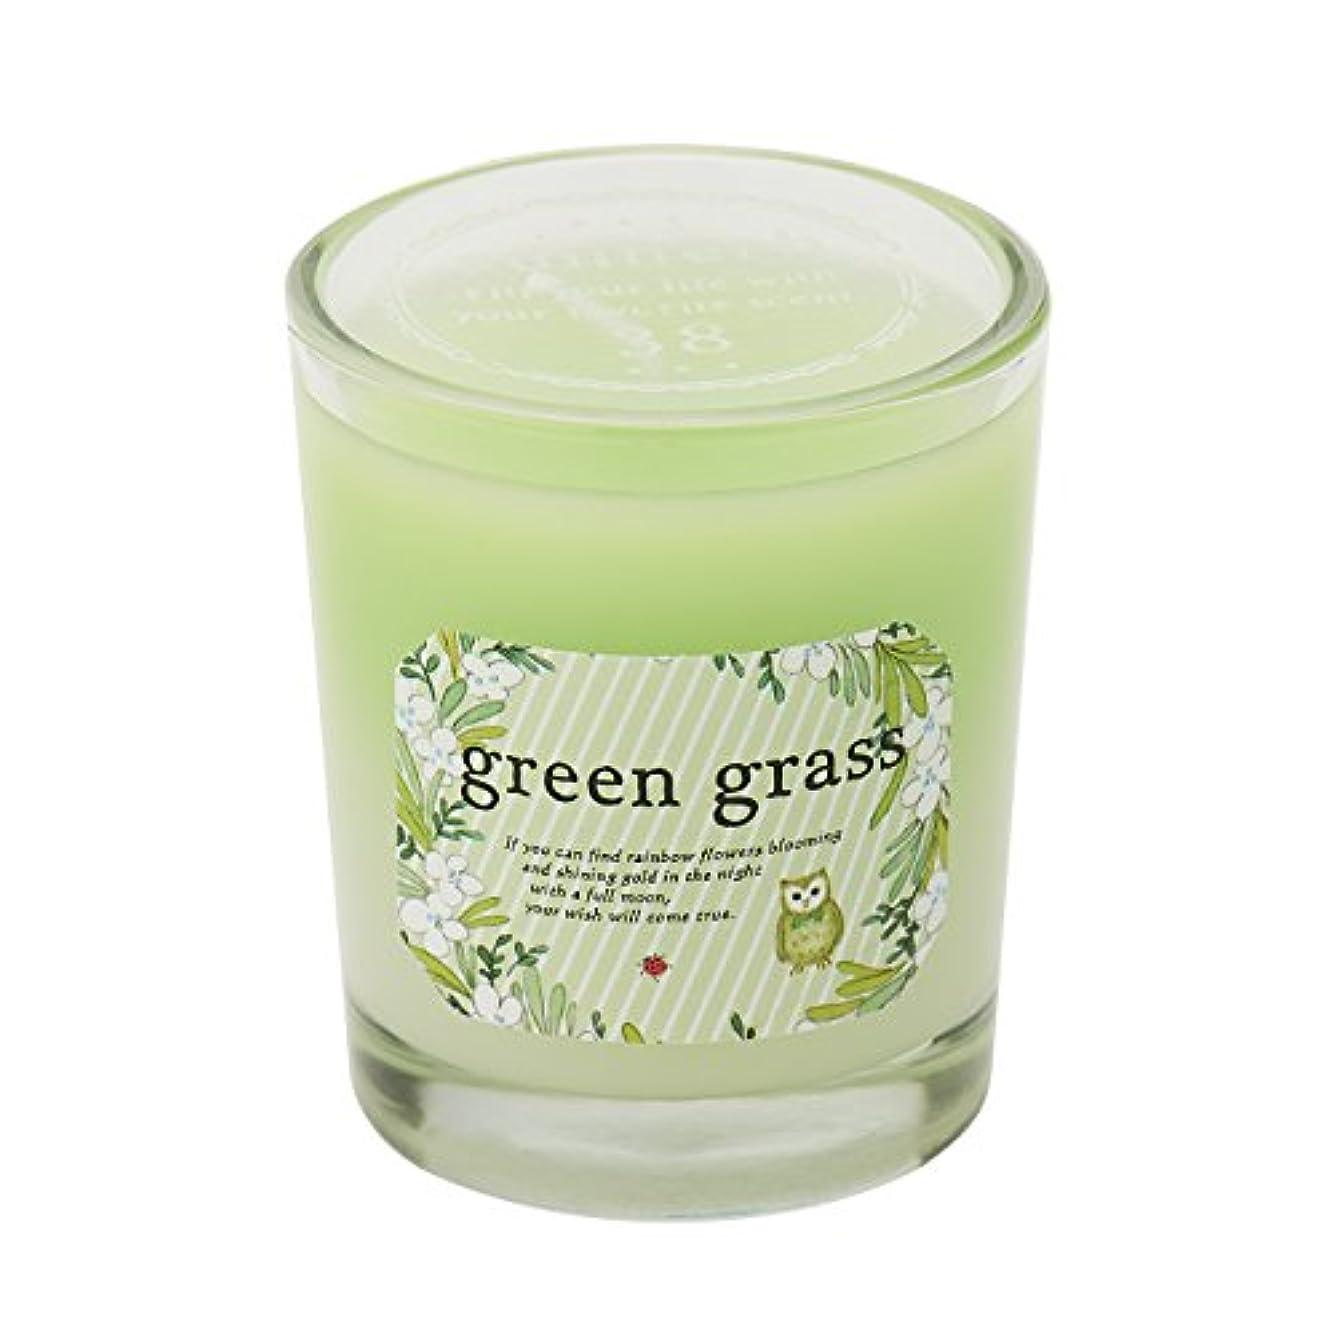 にじみ出るペフジレンマサンハーブ グラスキャンドル グリーングラス 35g(グラデーションろうそく 燃焼時間約10時間 爽やかでちょっと大人の香り)